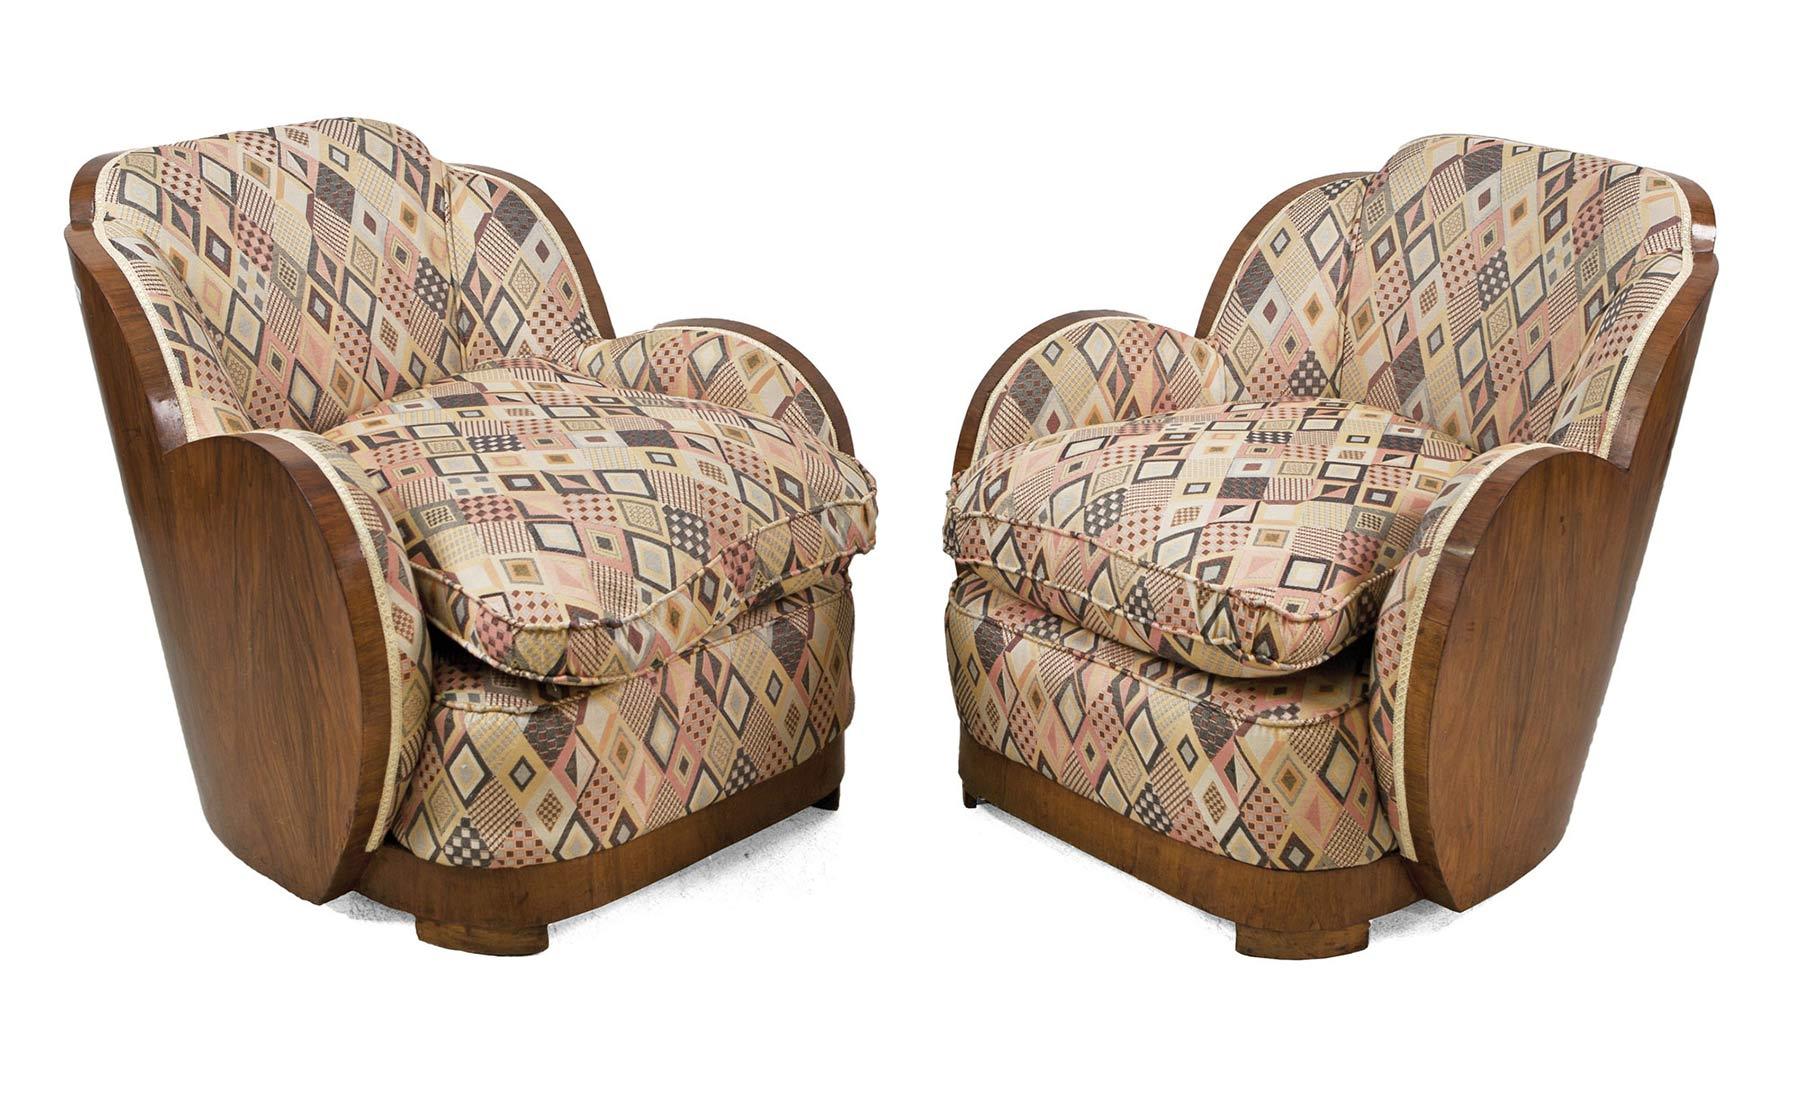 1206-Pareja-de-sillones-decó-en-madera-de-raíz-y-tapizados,-C.1940.01